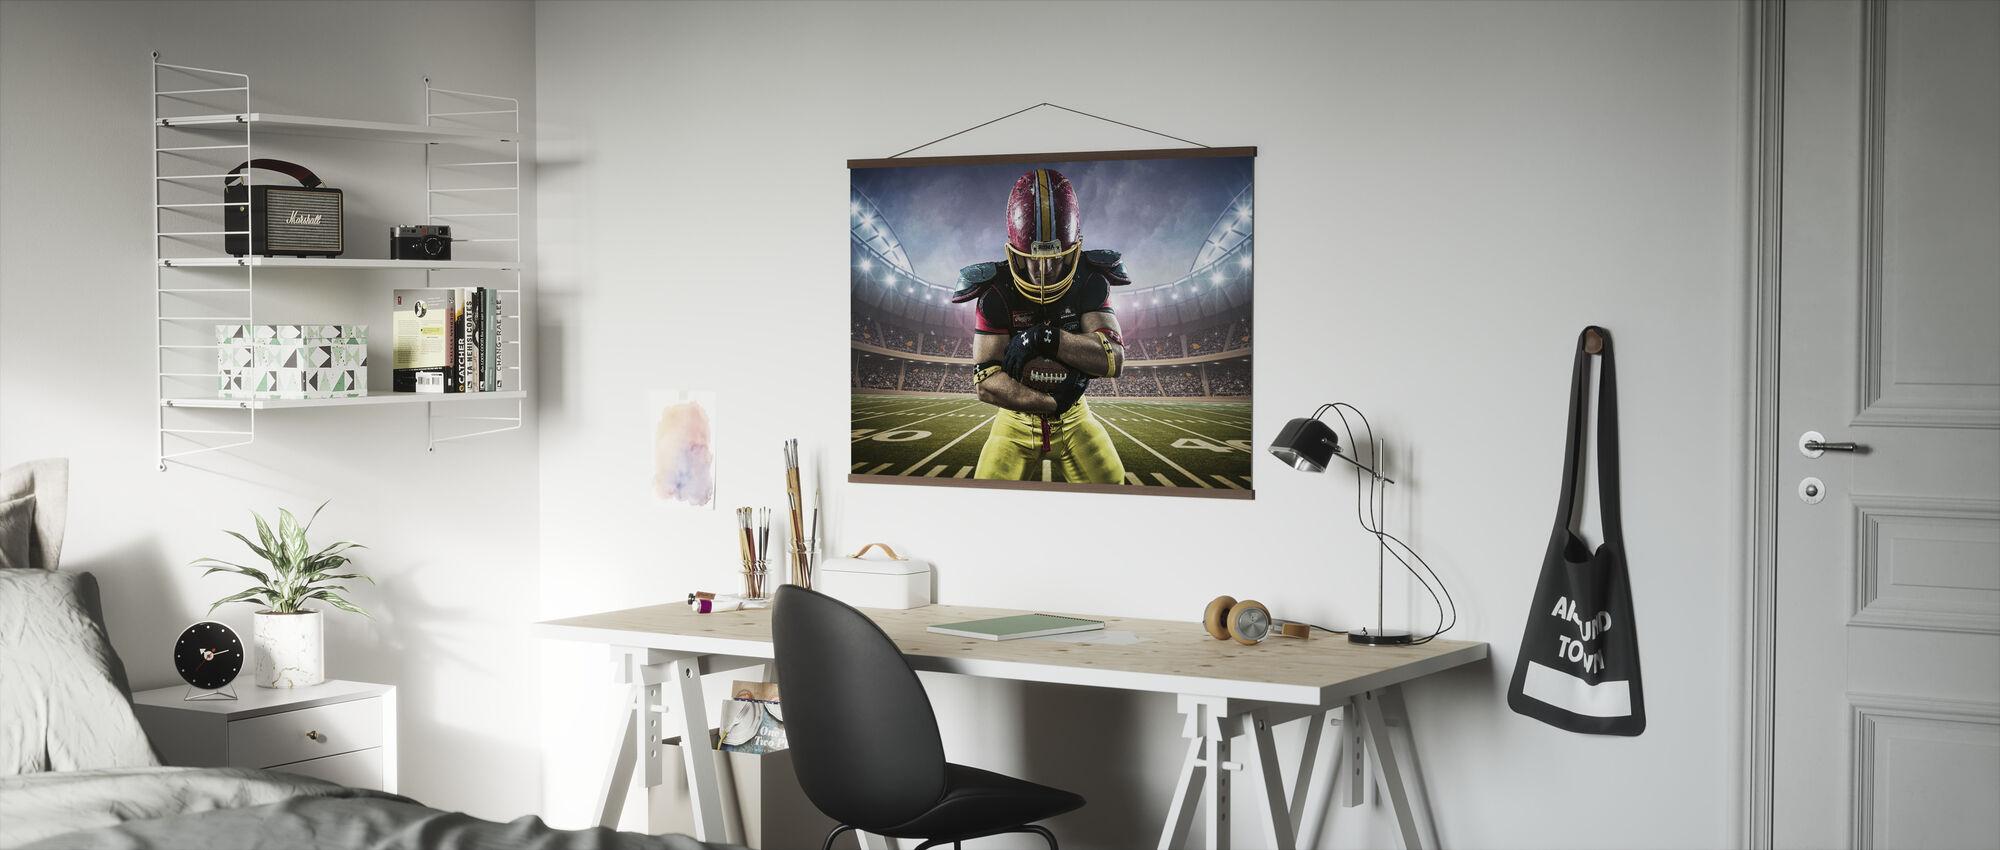 Danilo - Poster - Office